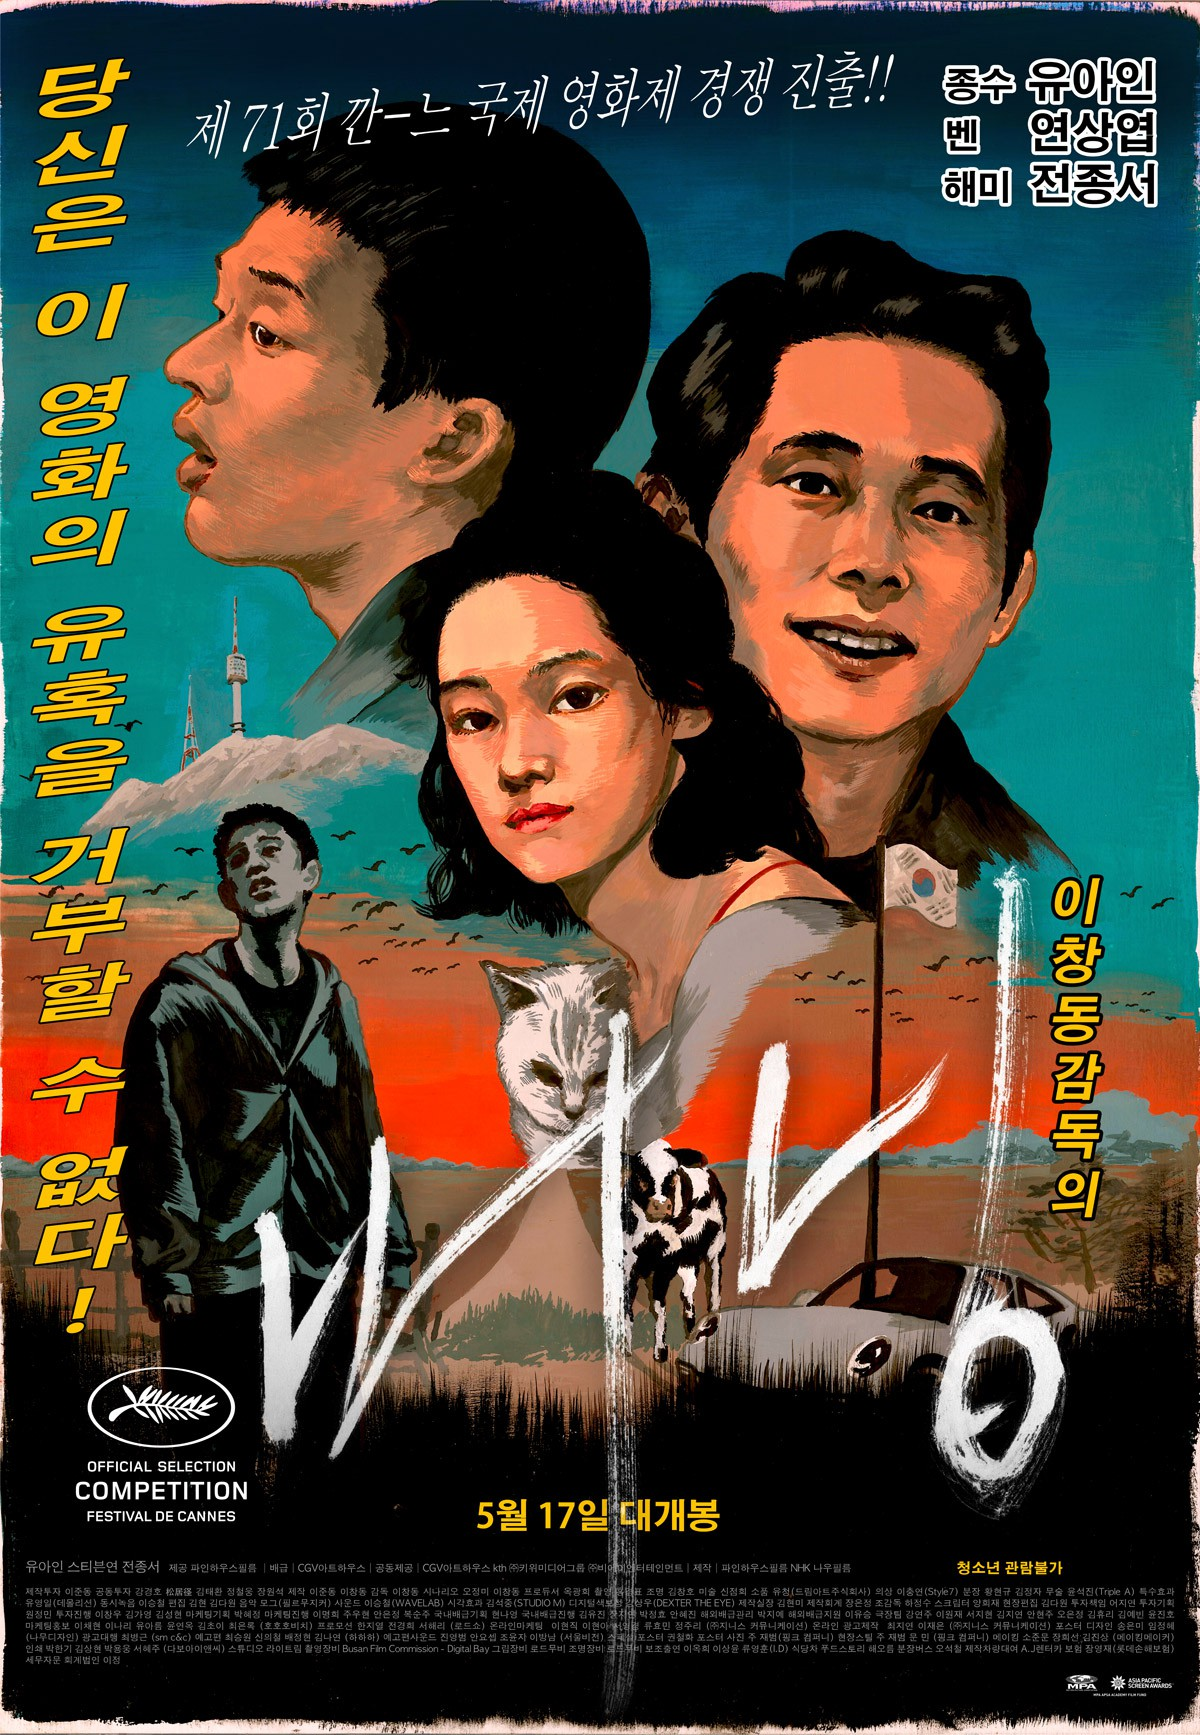 Kiệt tác xứ Hàn Burning trở thành ứng viên nặng kí cho giải Cành cọ vàng Cannes 2018 - Ảnh 4.